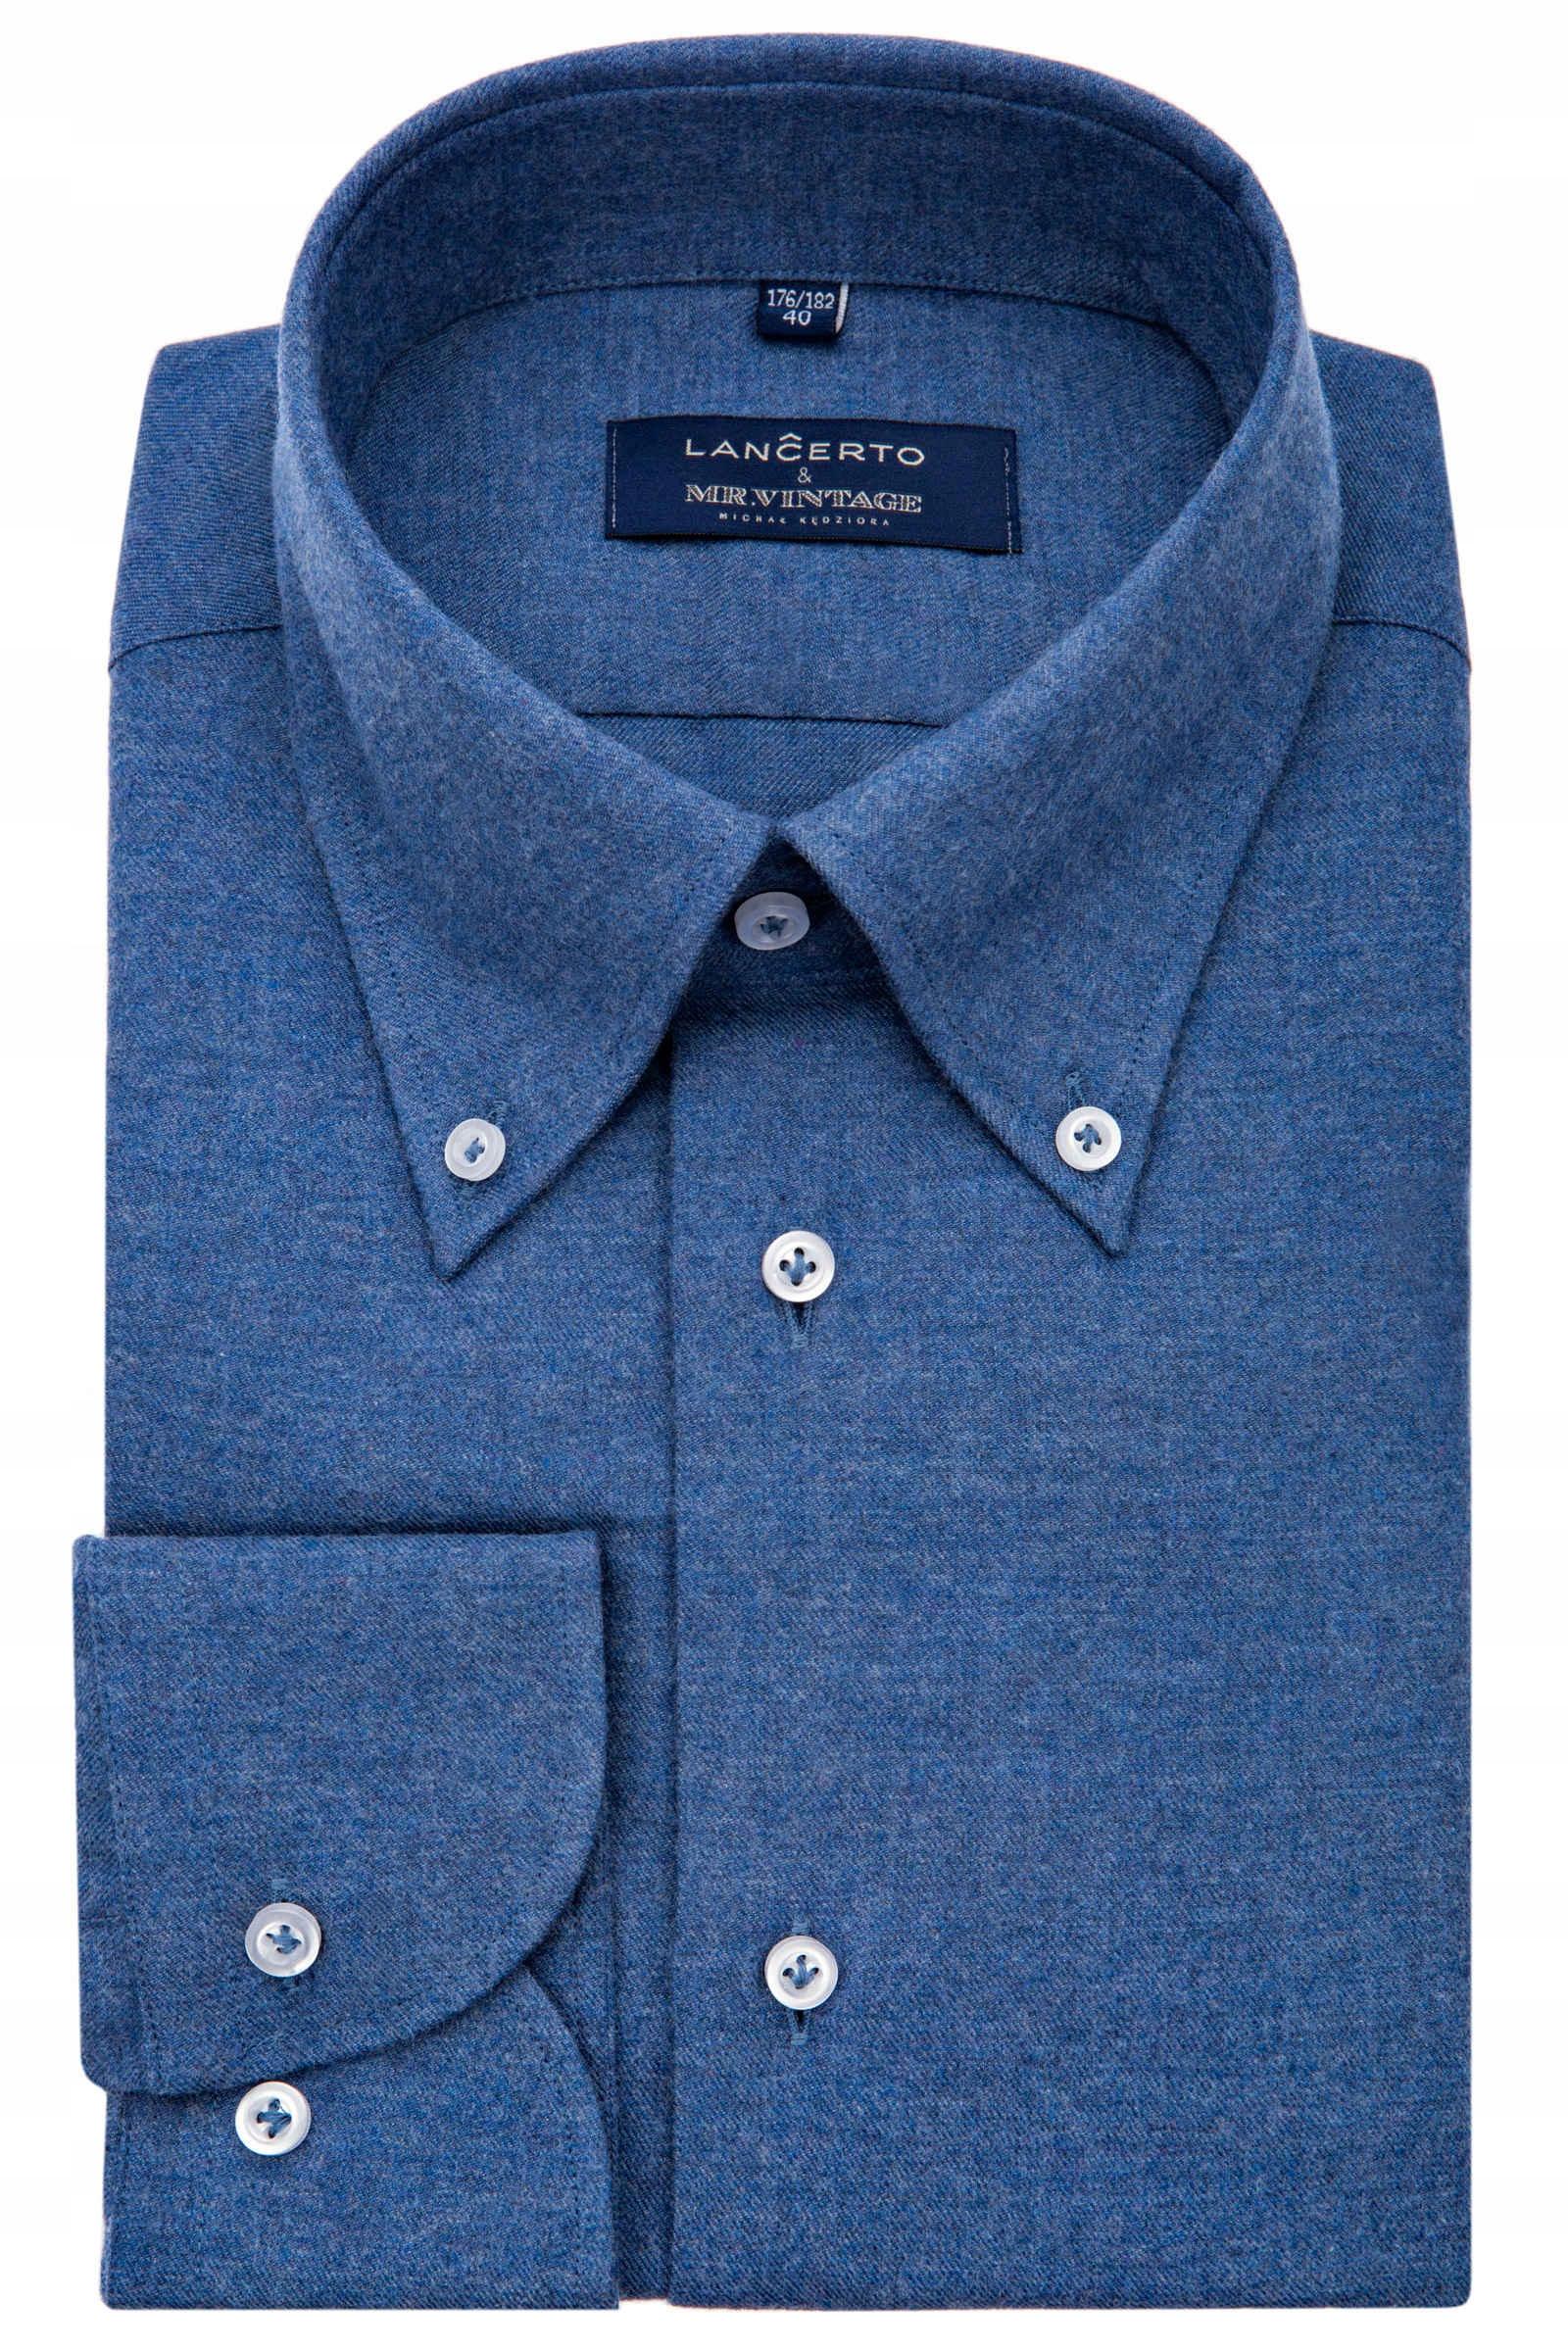 Lancerto tričko&Pán Vintage Calvin 176/43